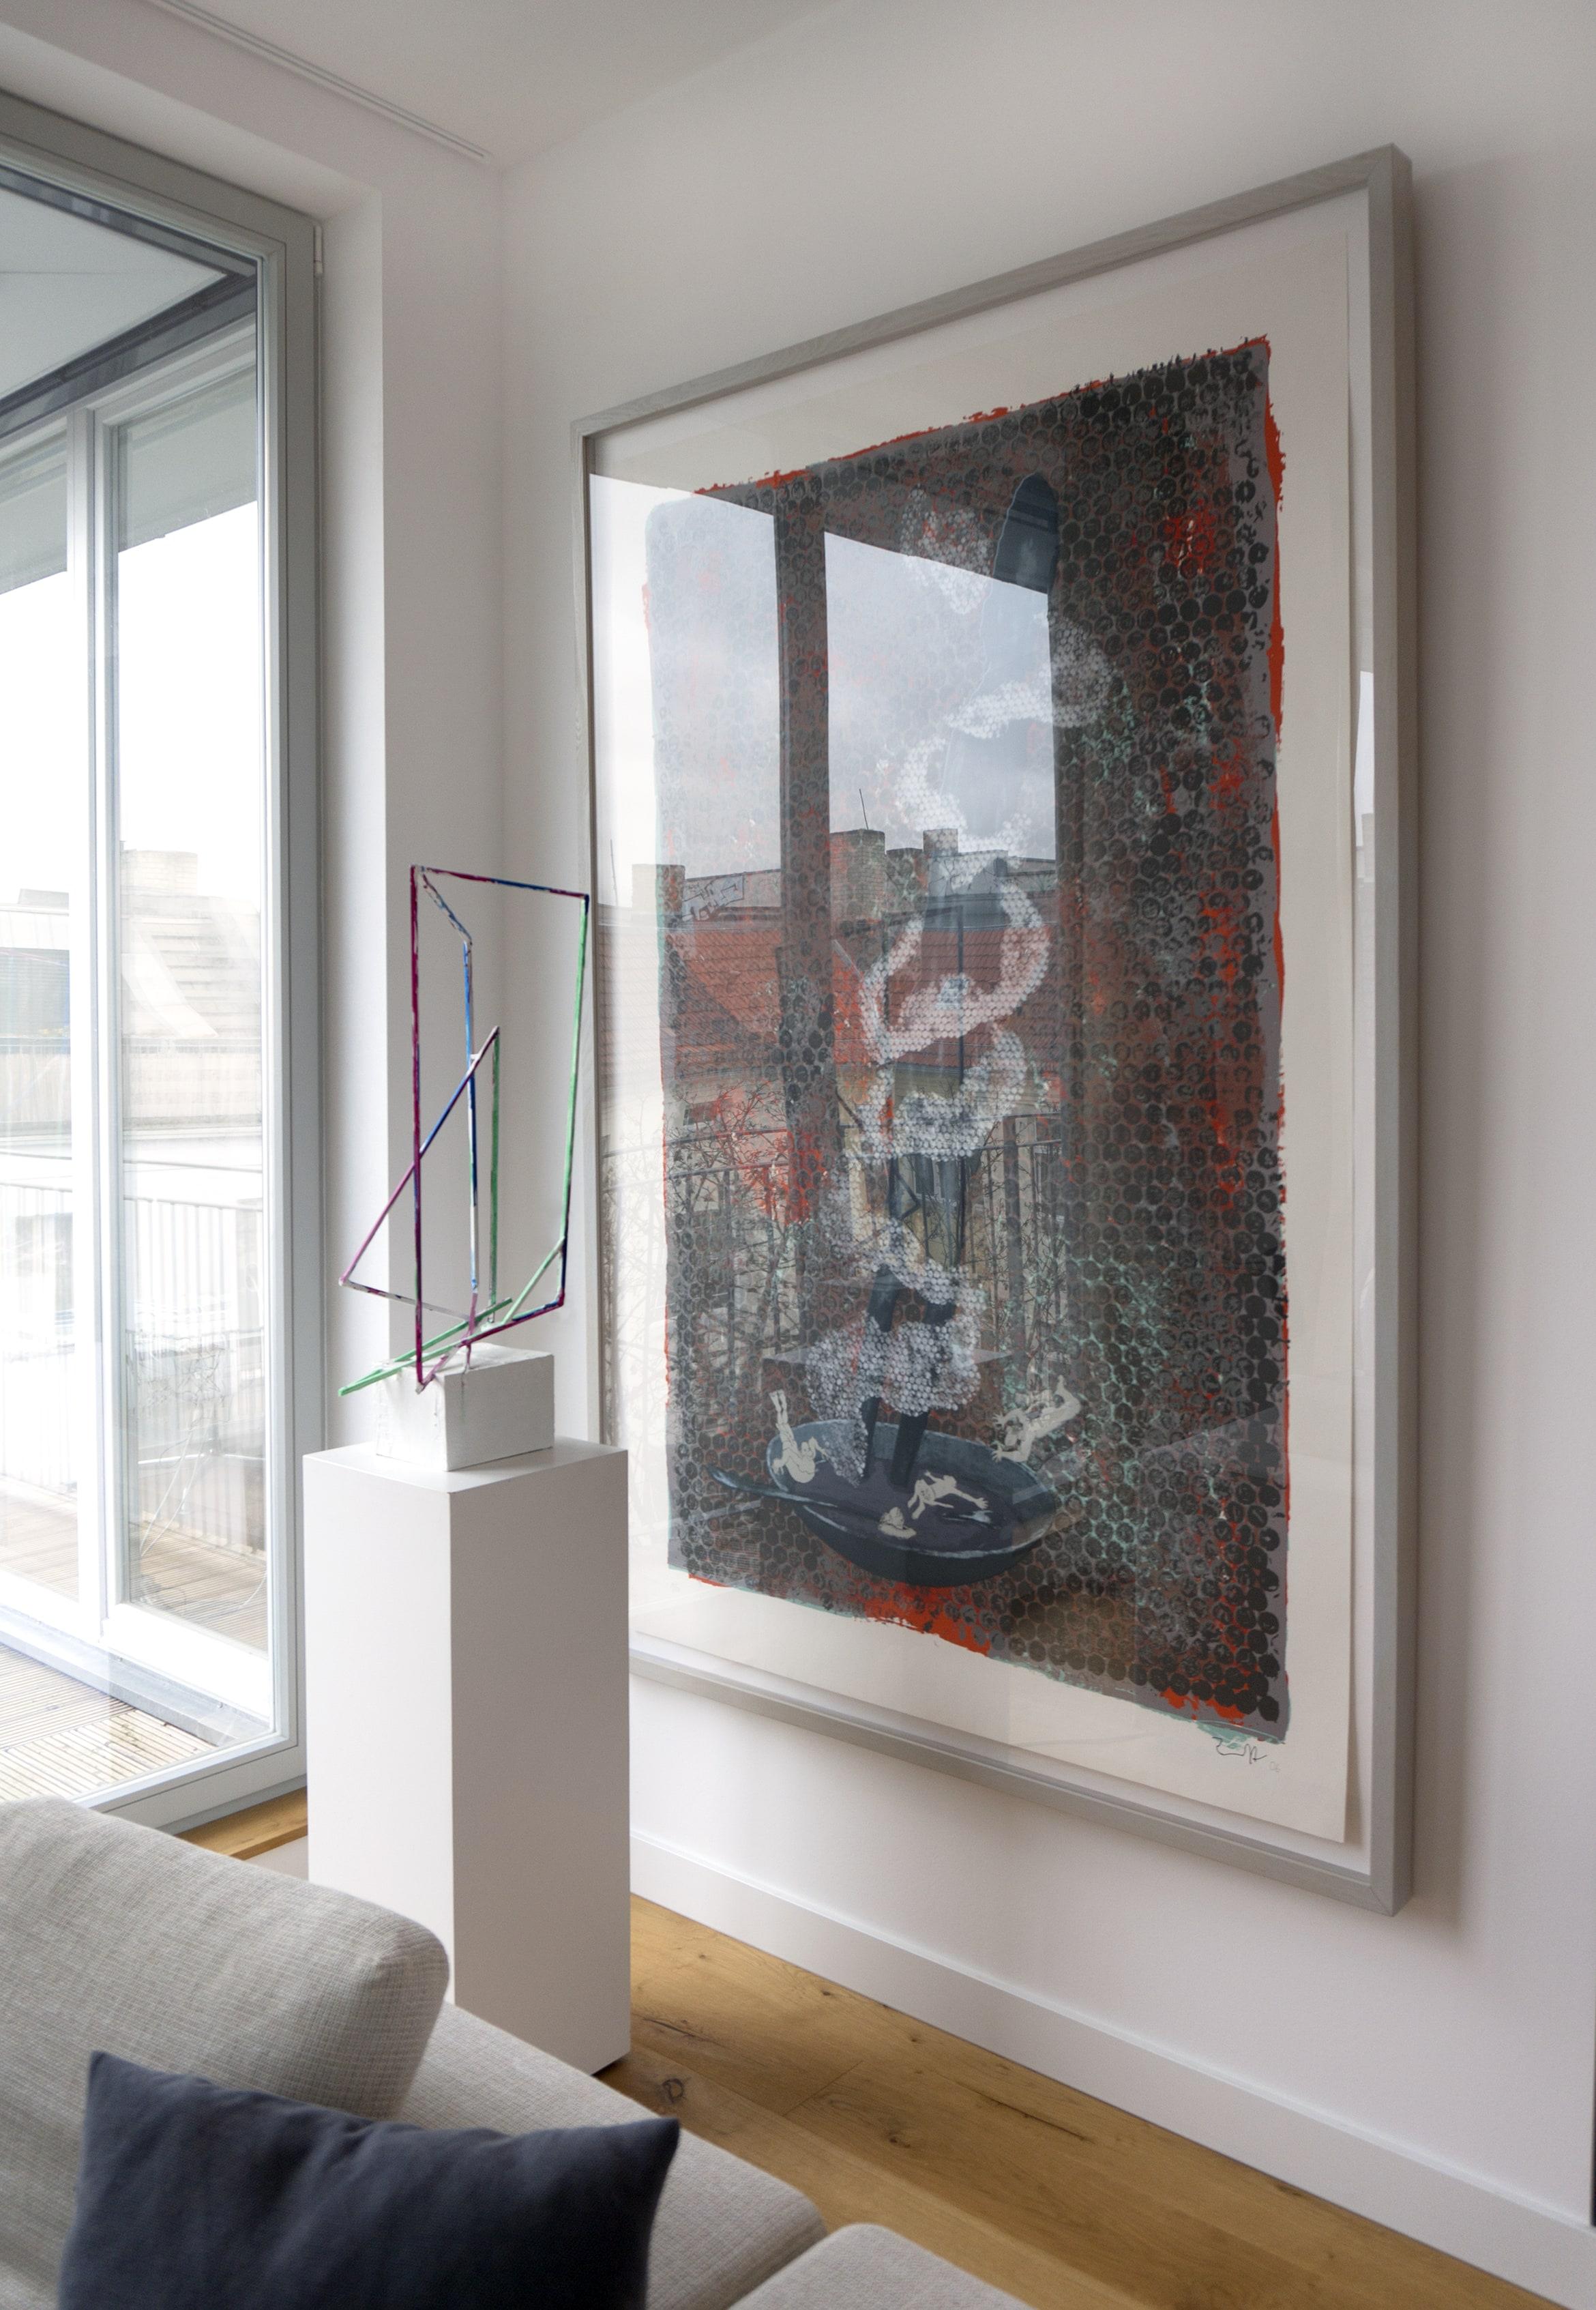 Max Frintrop  Untitled  2012  Sculpture, unique piece  Height 83cm    Jörg Immendorff  SELBST MIT AFFEN  2006  Serigraphie + Mixed Media  auf 300g Hahnemühle Bütten  208,28 x 140,71 cm